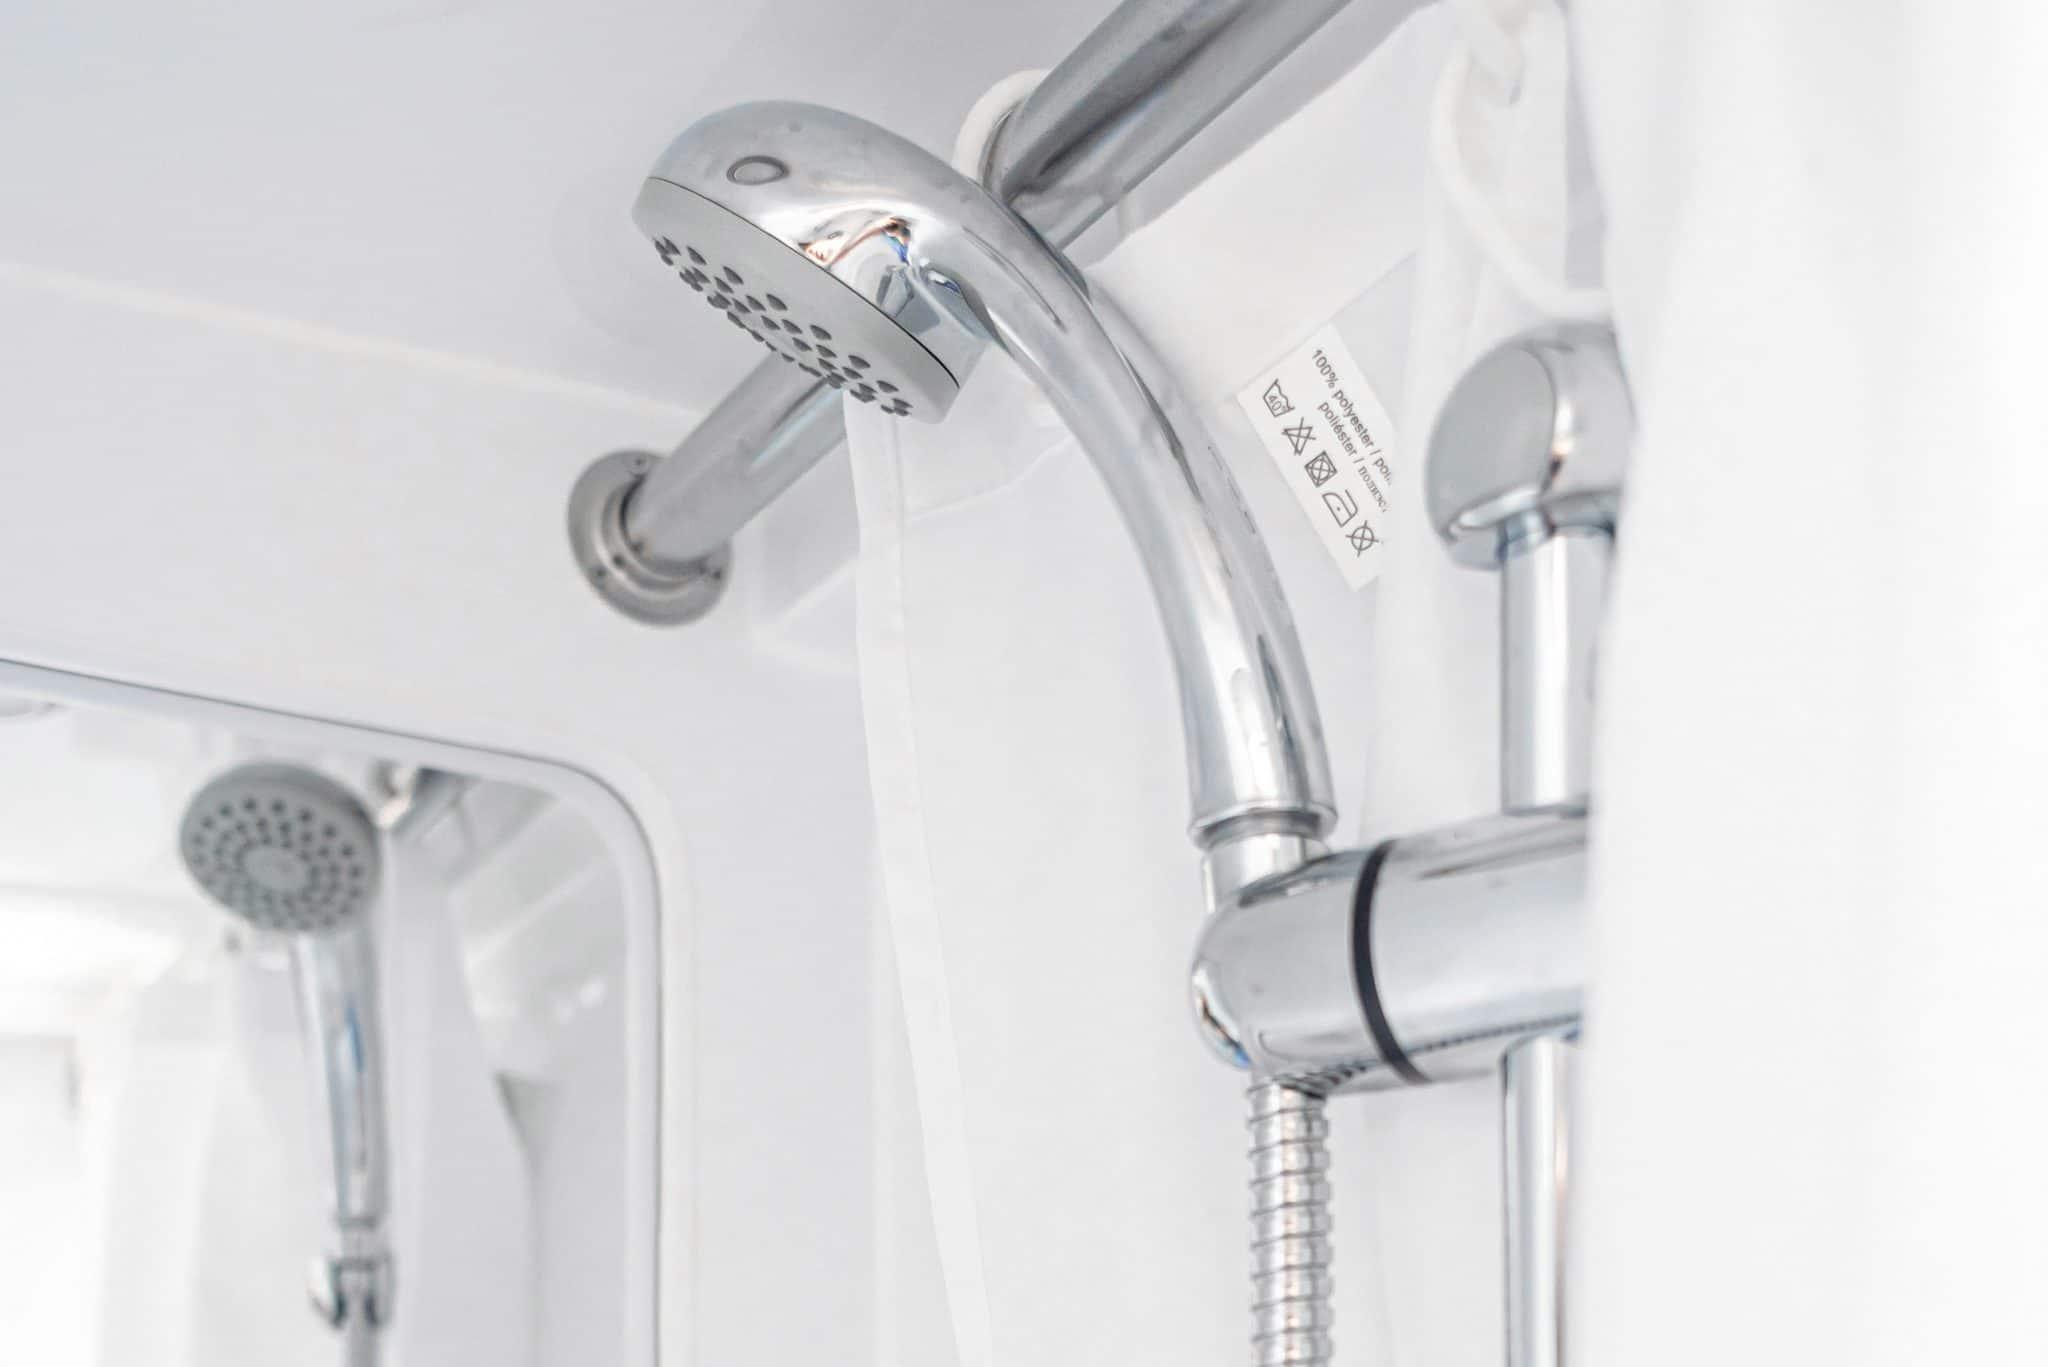 Campervan shower - campervan water system installation Scotland